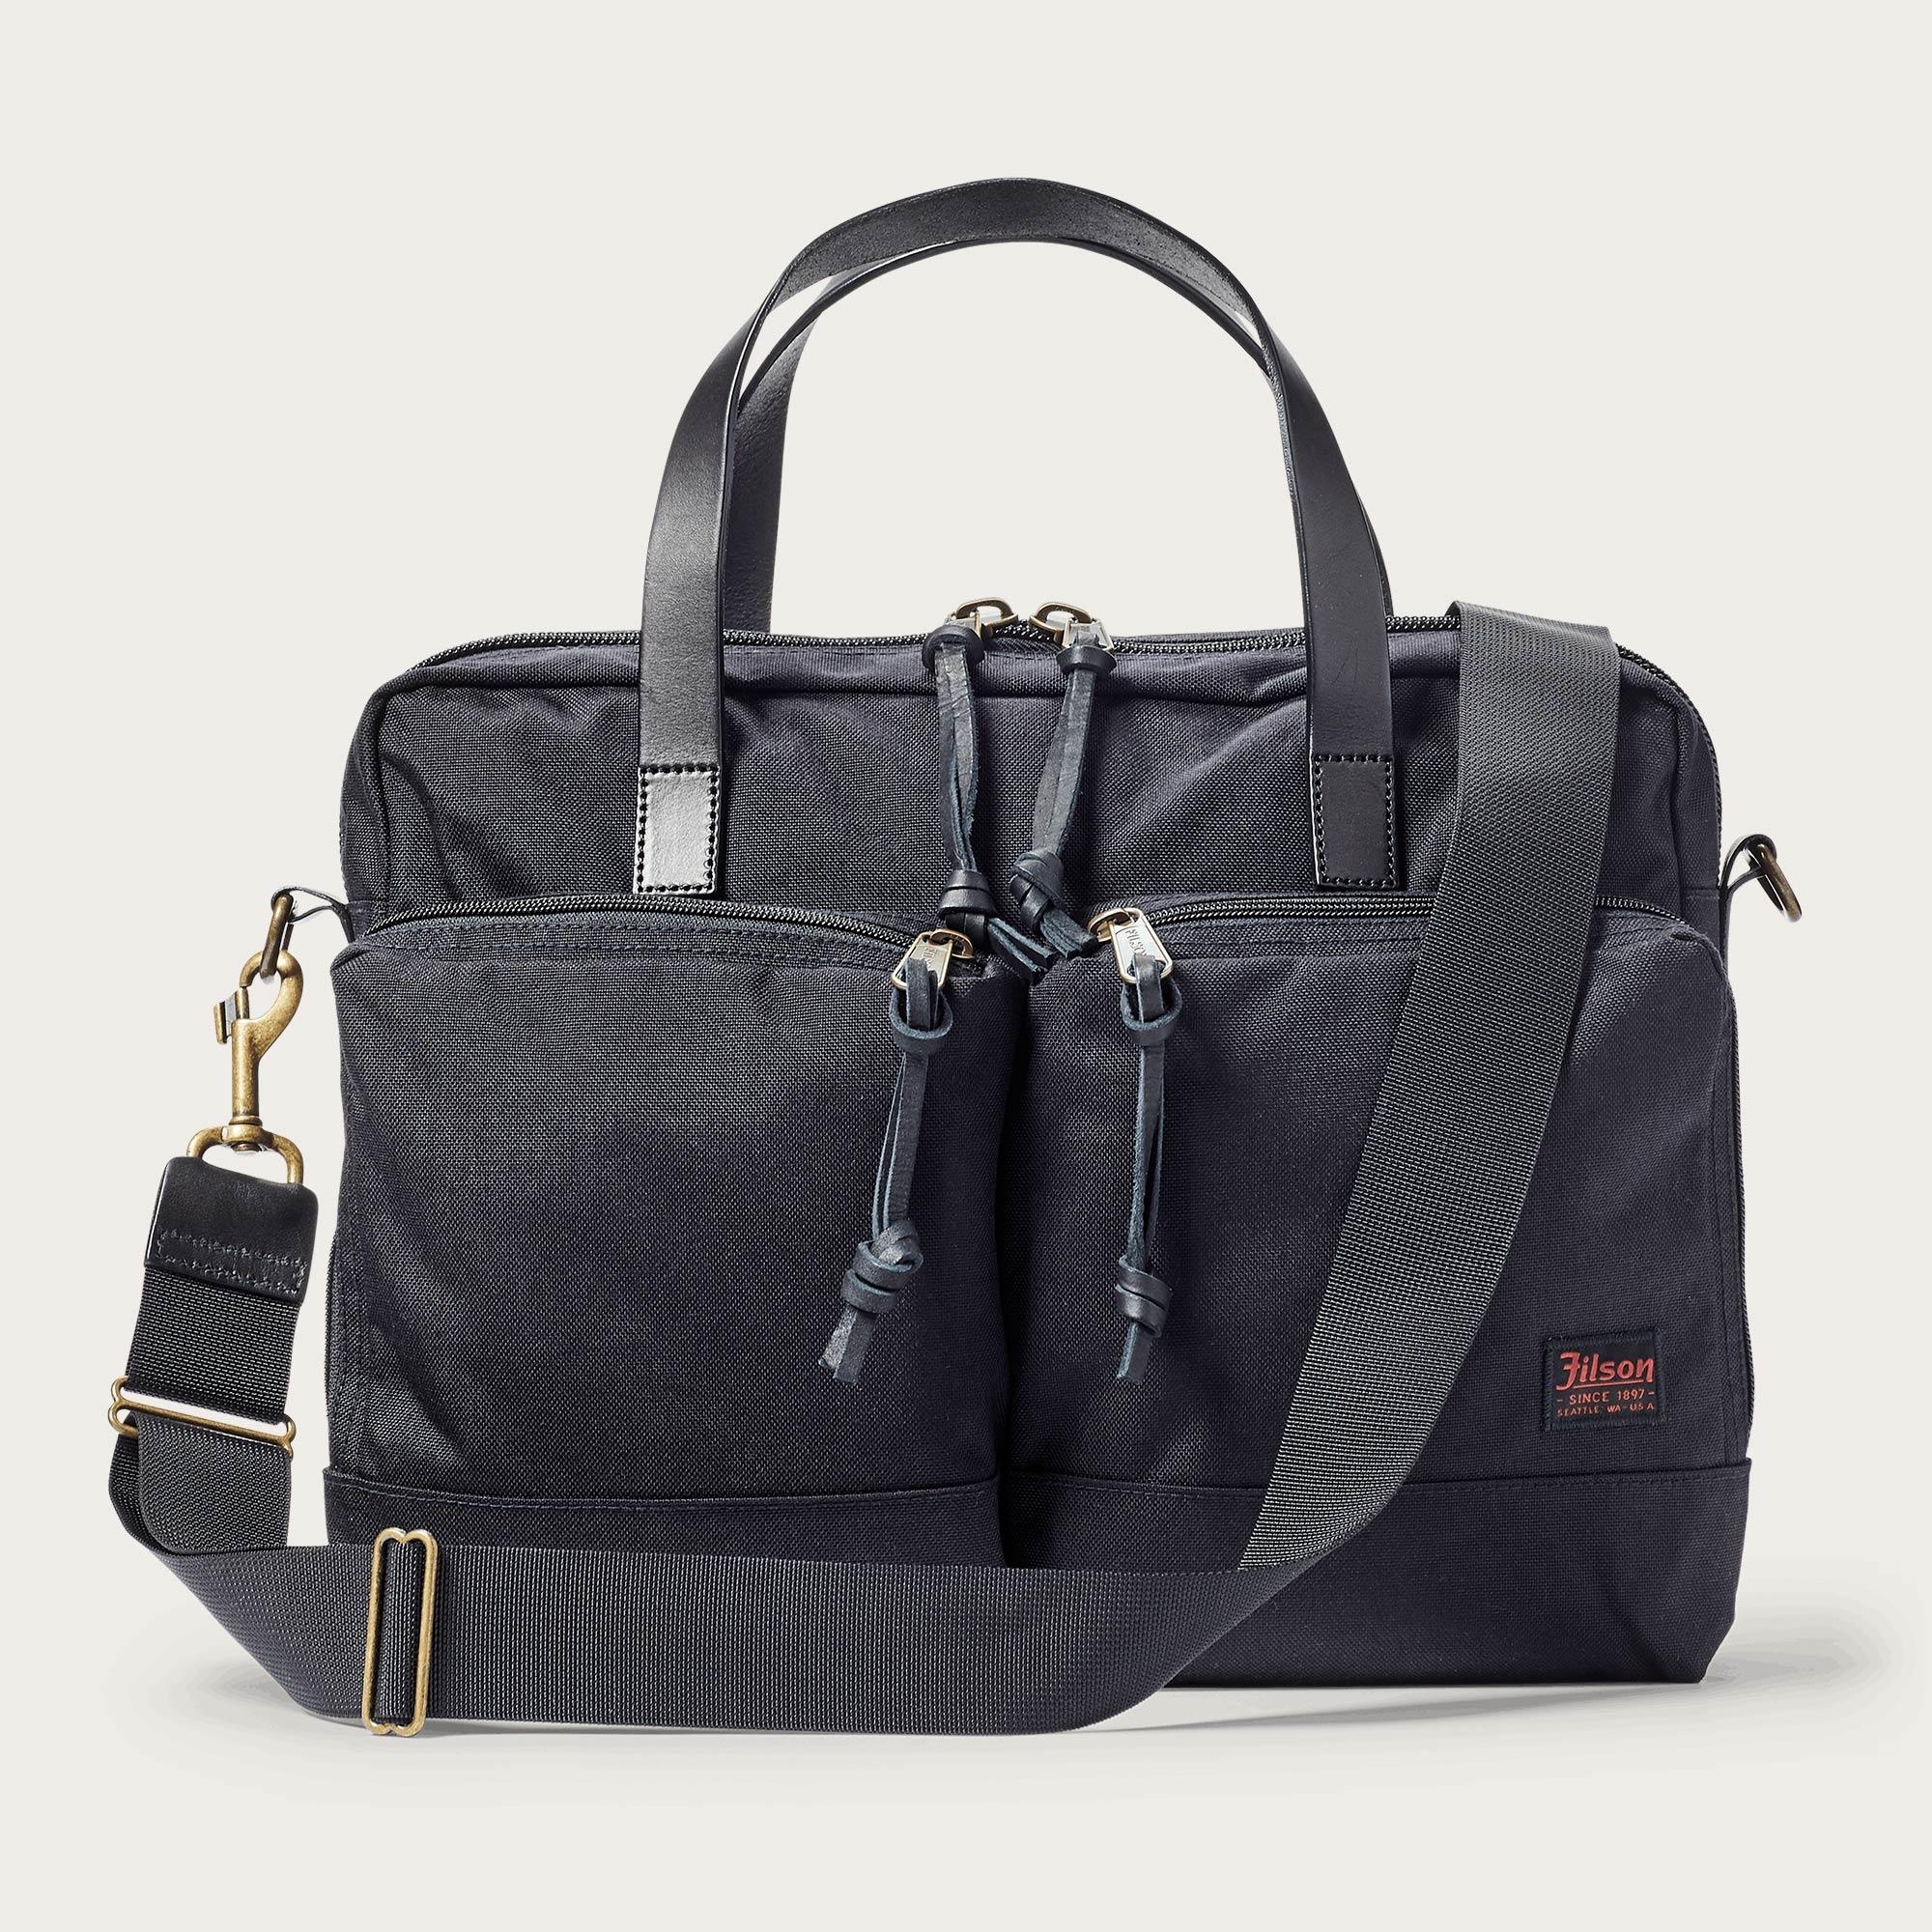 ballistic-nylon-dryden-briefcase-dark-navy-p41825-366308_image